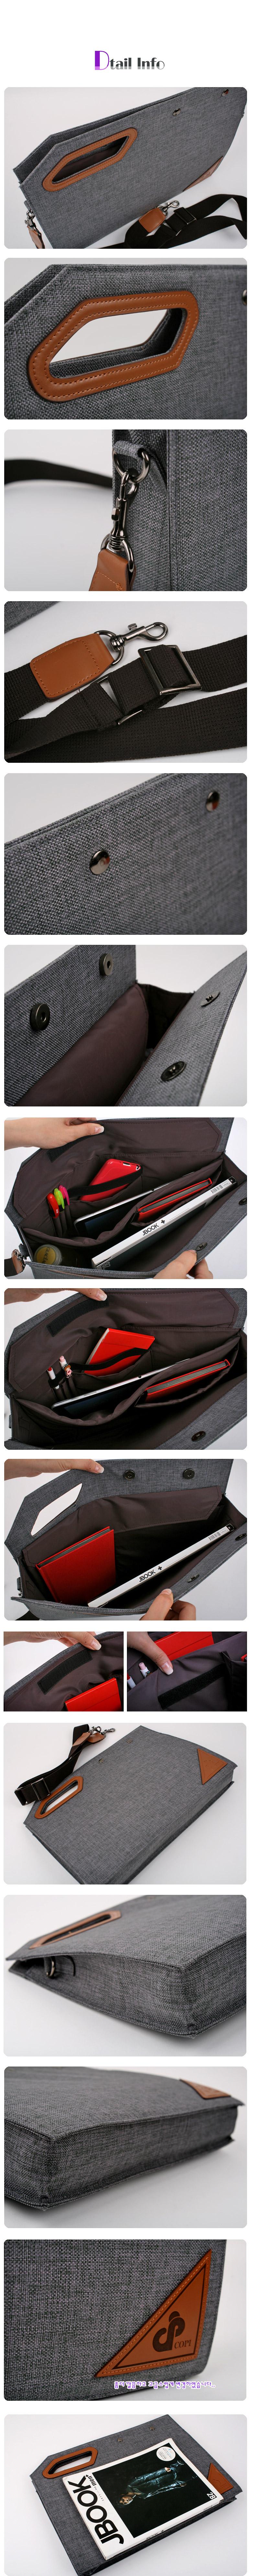 copi handbag no.C-140708view-1